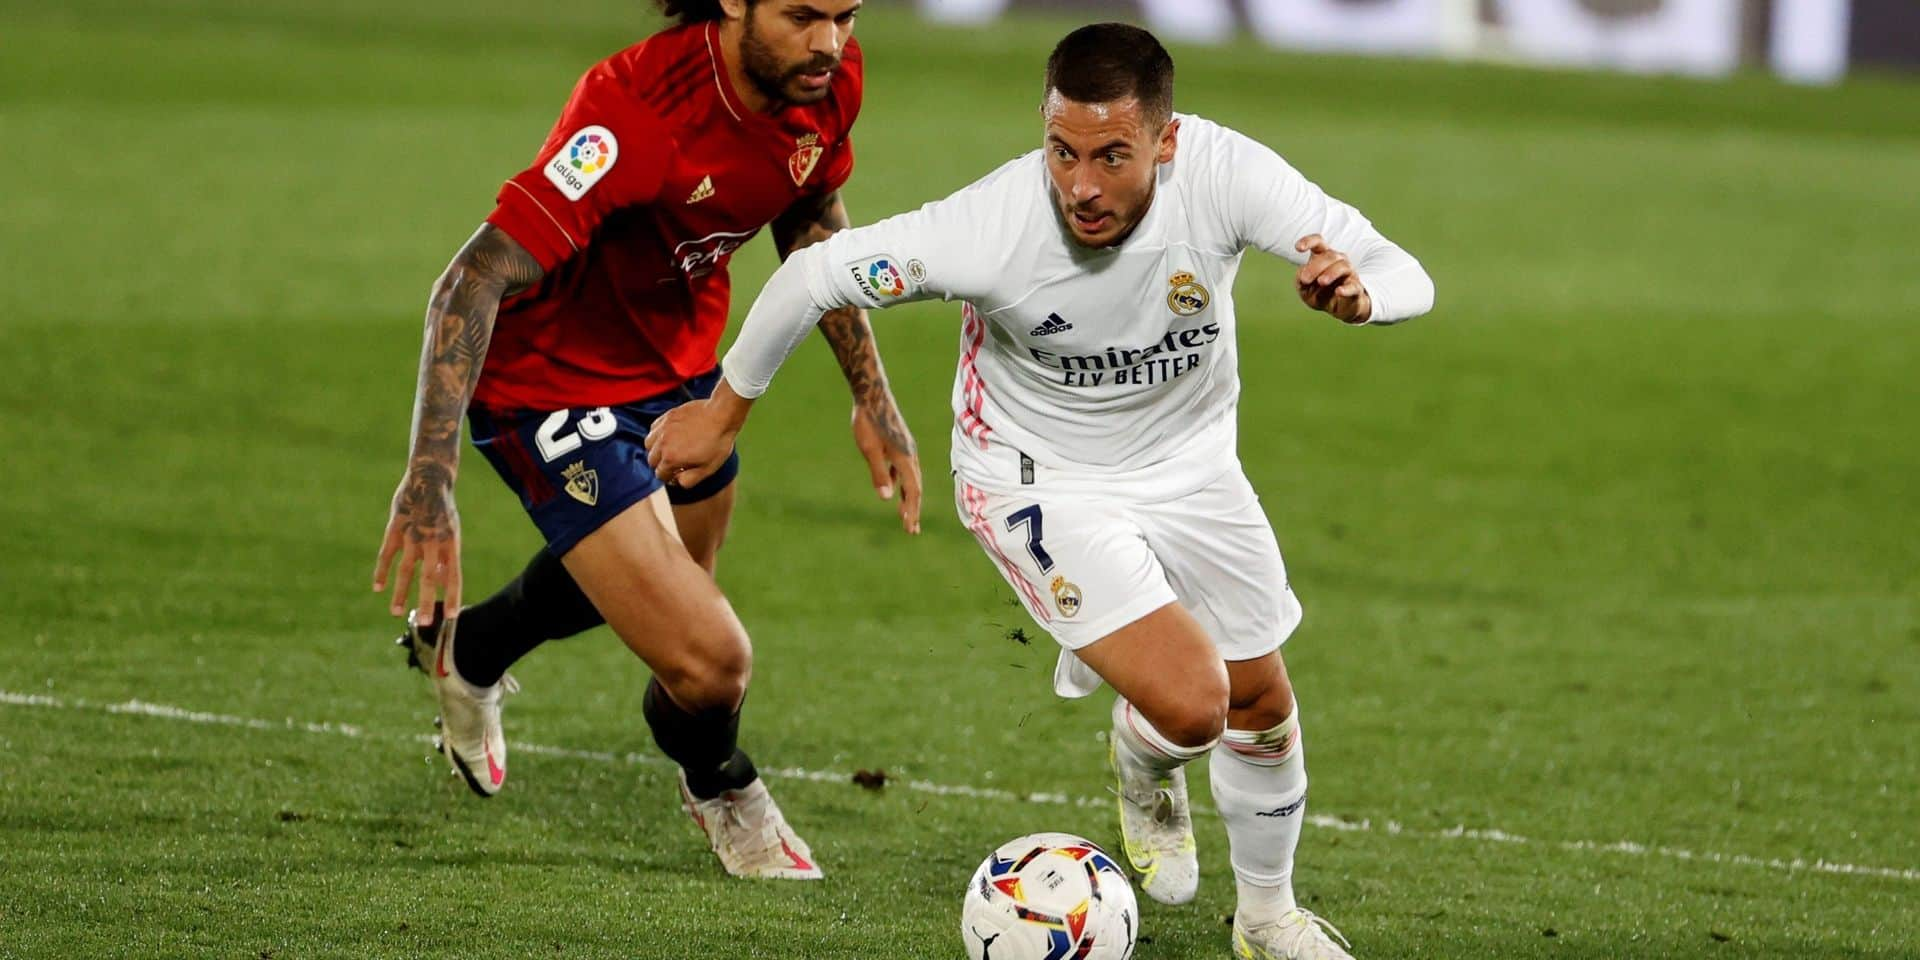 """""""Il ne fait pratiquement rien depuis deux saisons"""": un ancien joueur du Real tire un bilan peu flatteur d'Eden Hazard"""